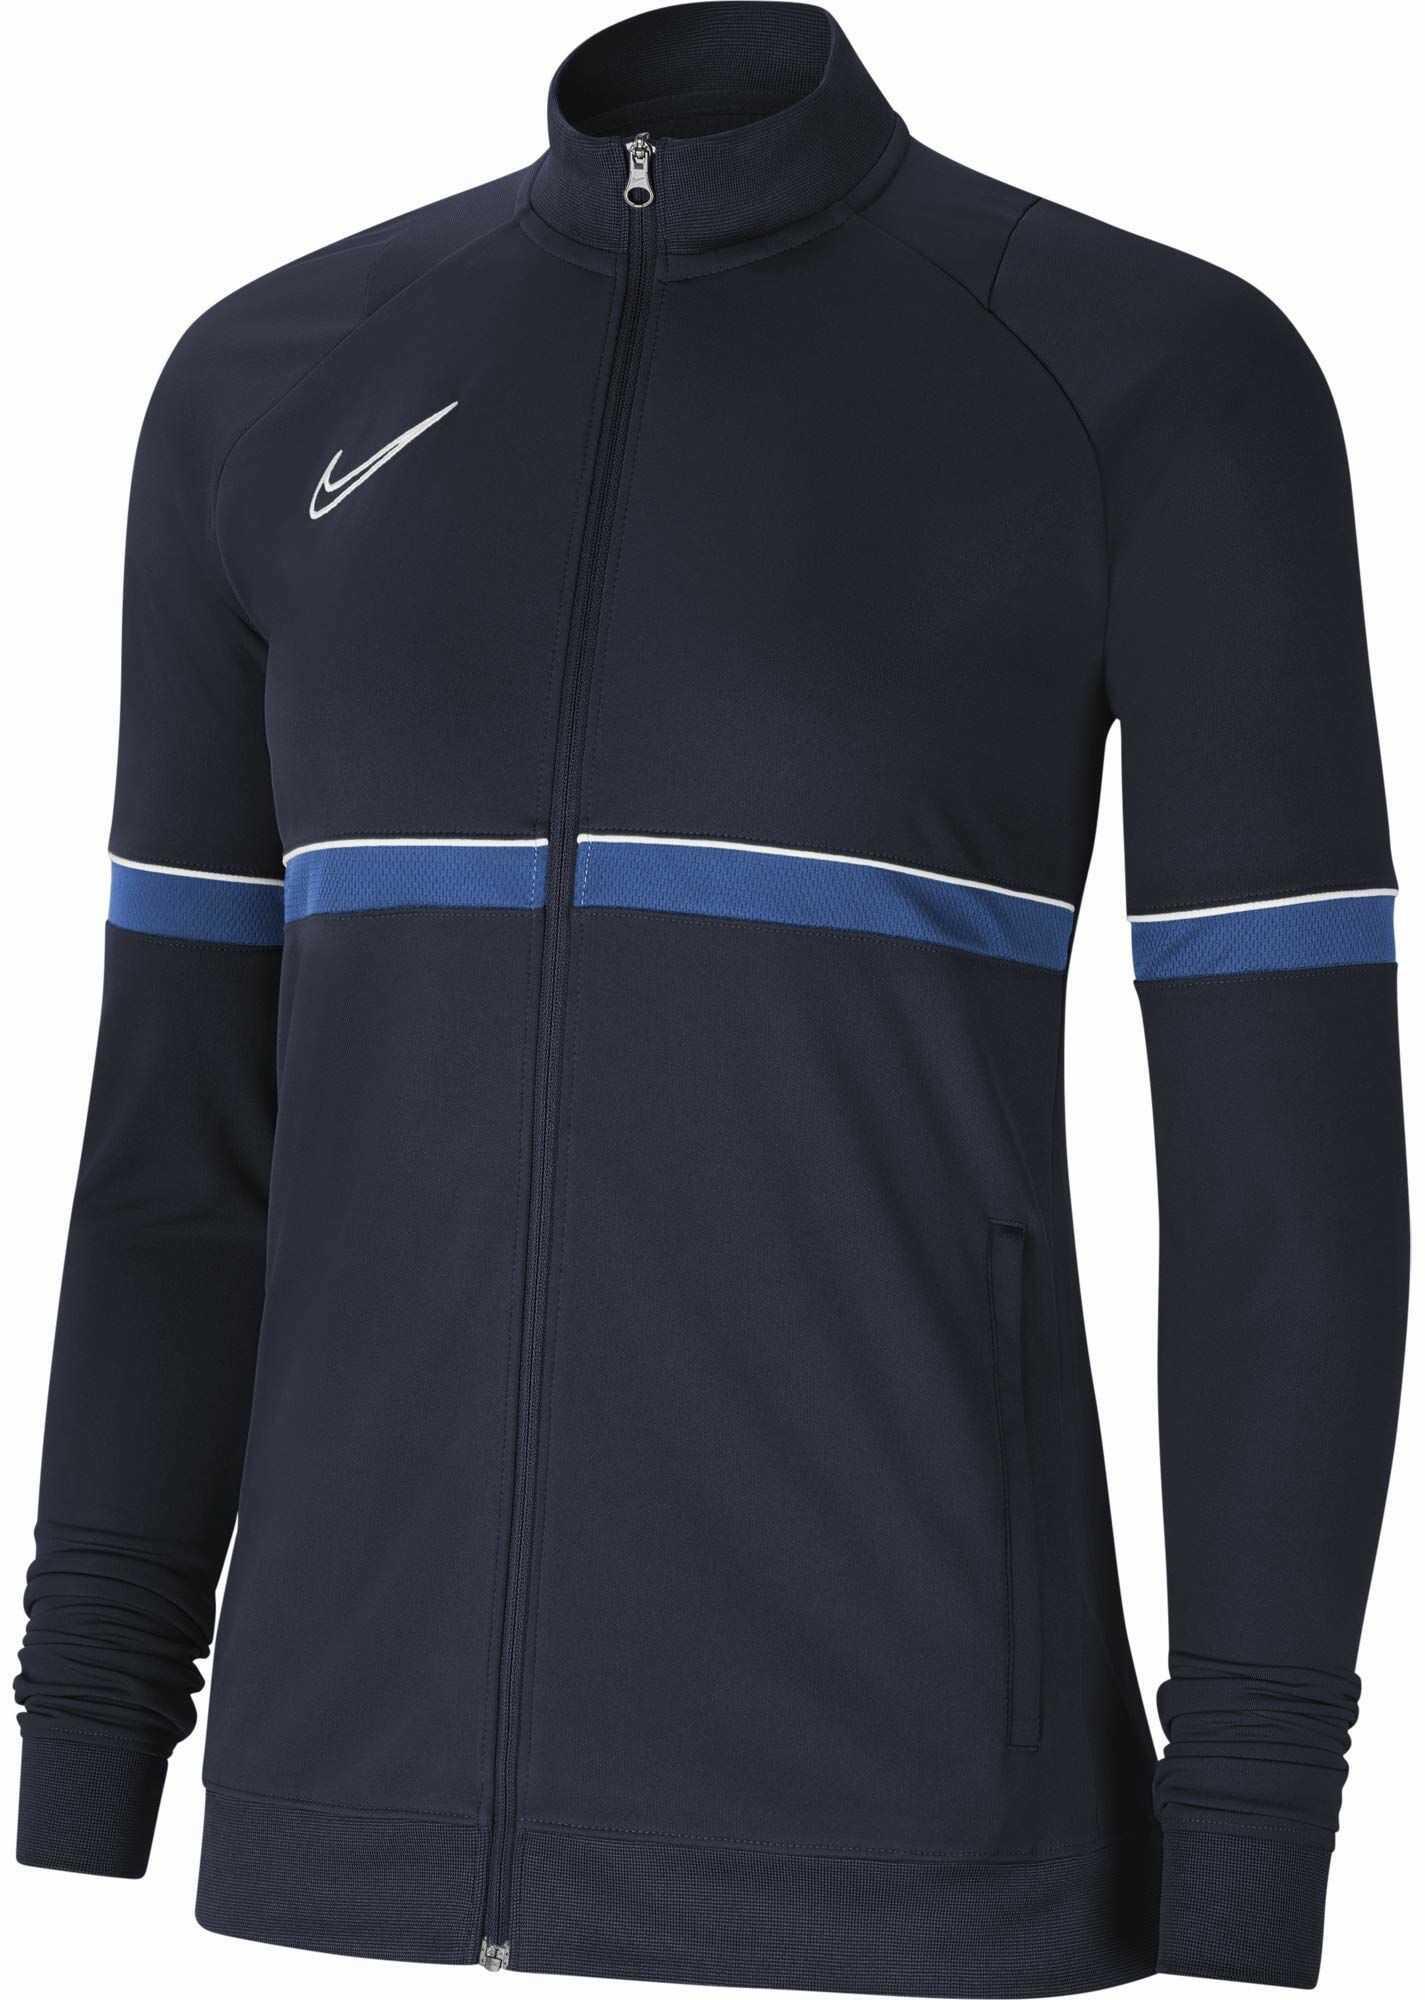 Nike Damska kurtka damska Academy 21 Track Jacket Obsidian/biały/królewski niebieski/biały XL